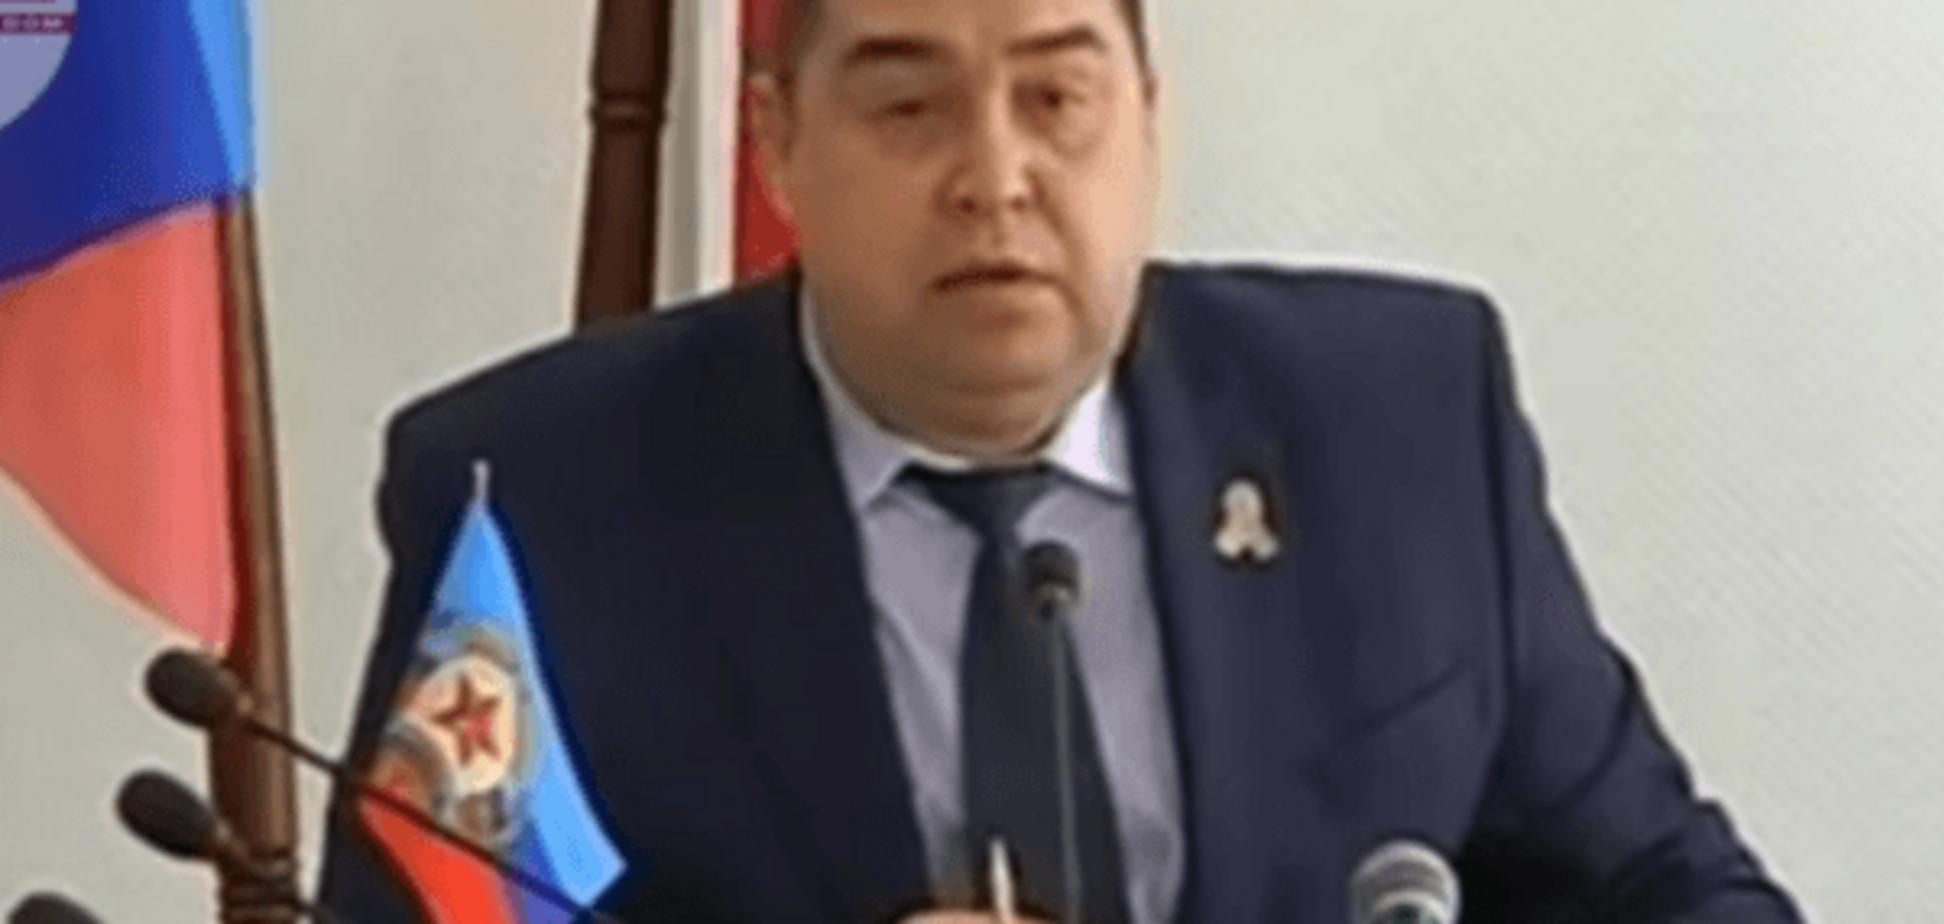 'Інвестицій не буде': Плотницький назвав 'ЛНР' банановою республікою